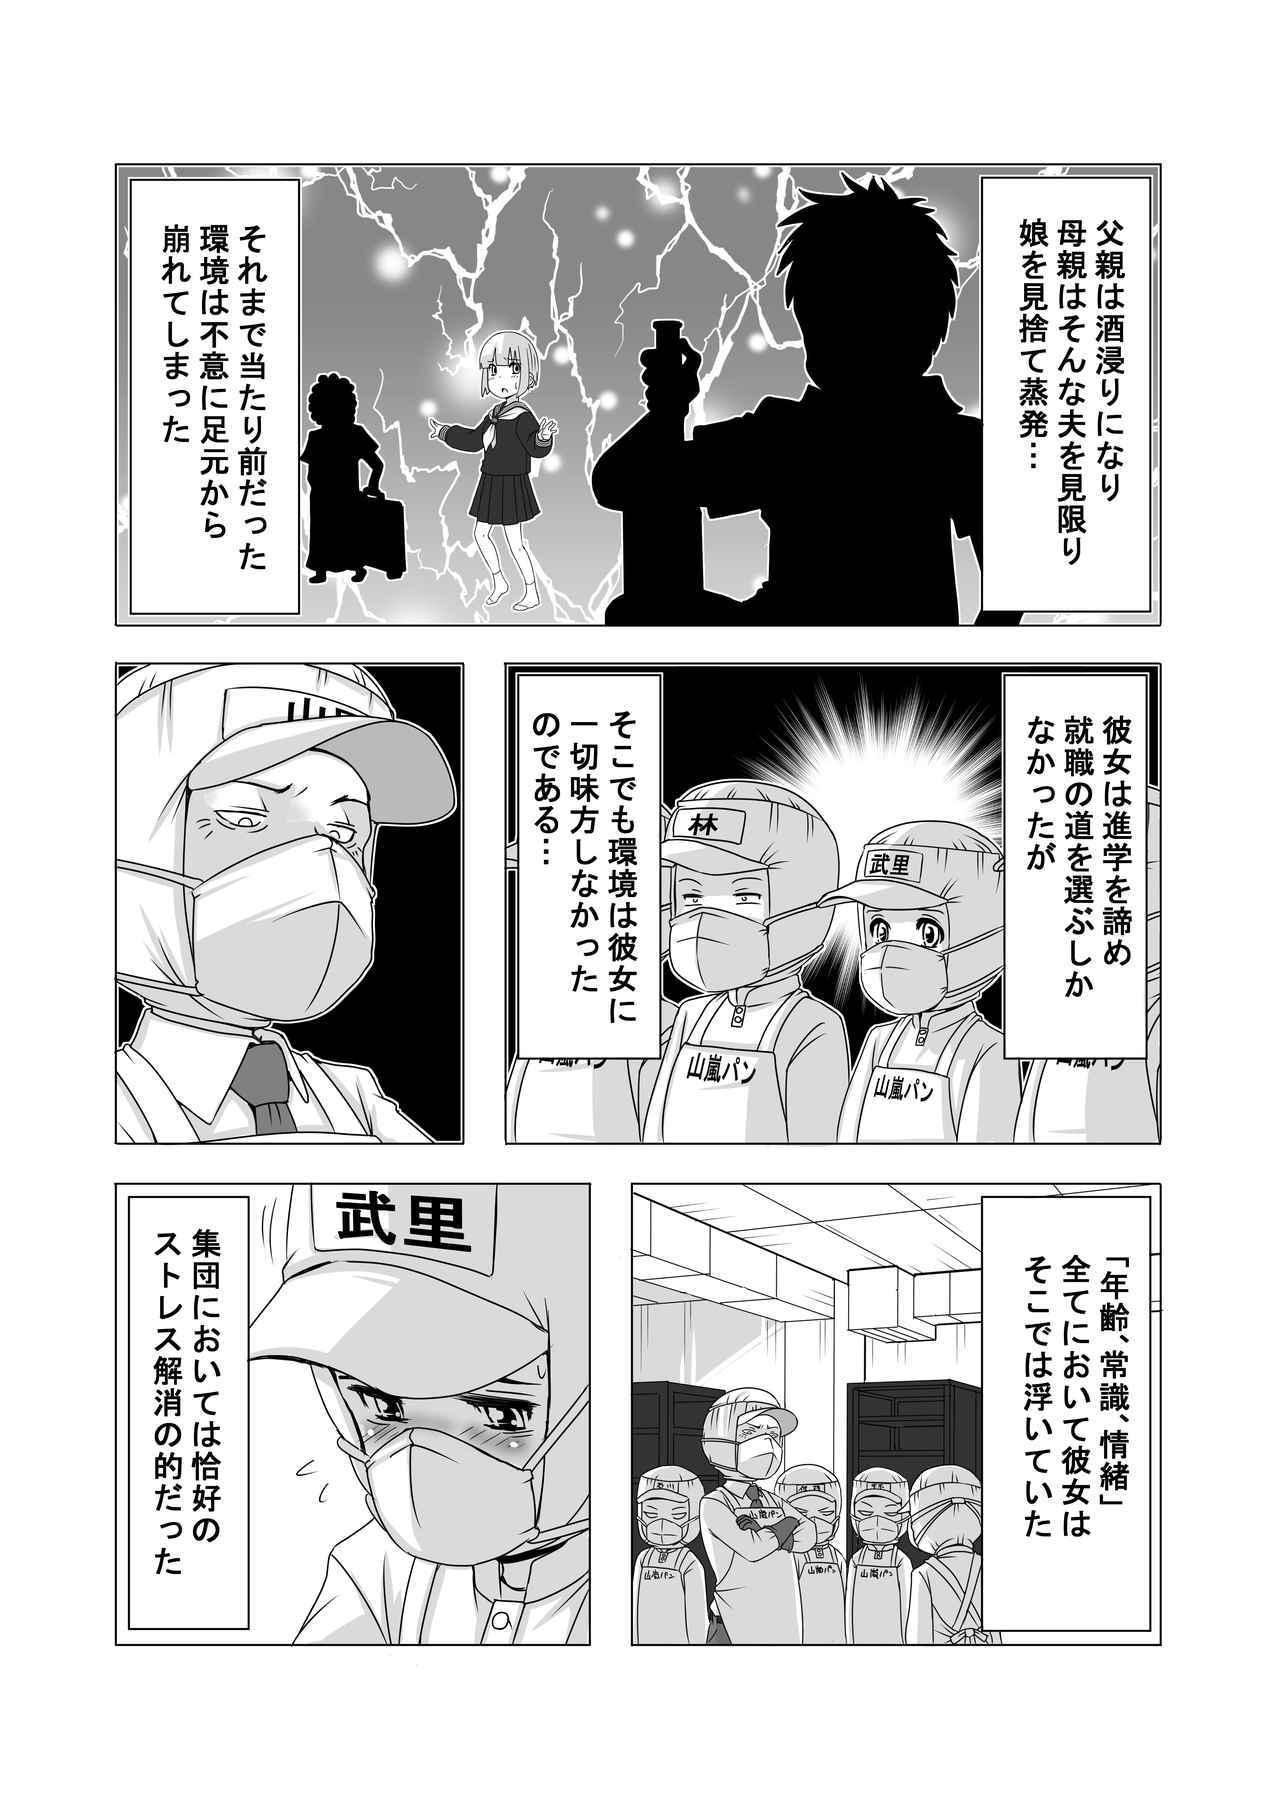 画像2: 【連載】馬場郁子がこよなくバイクを愛す理由(第六話:武里久子がこよなくバイクを愛すワケ)作:鈴木秀吉